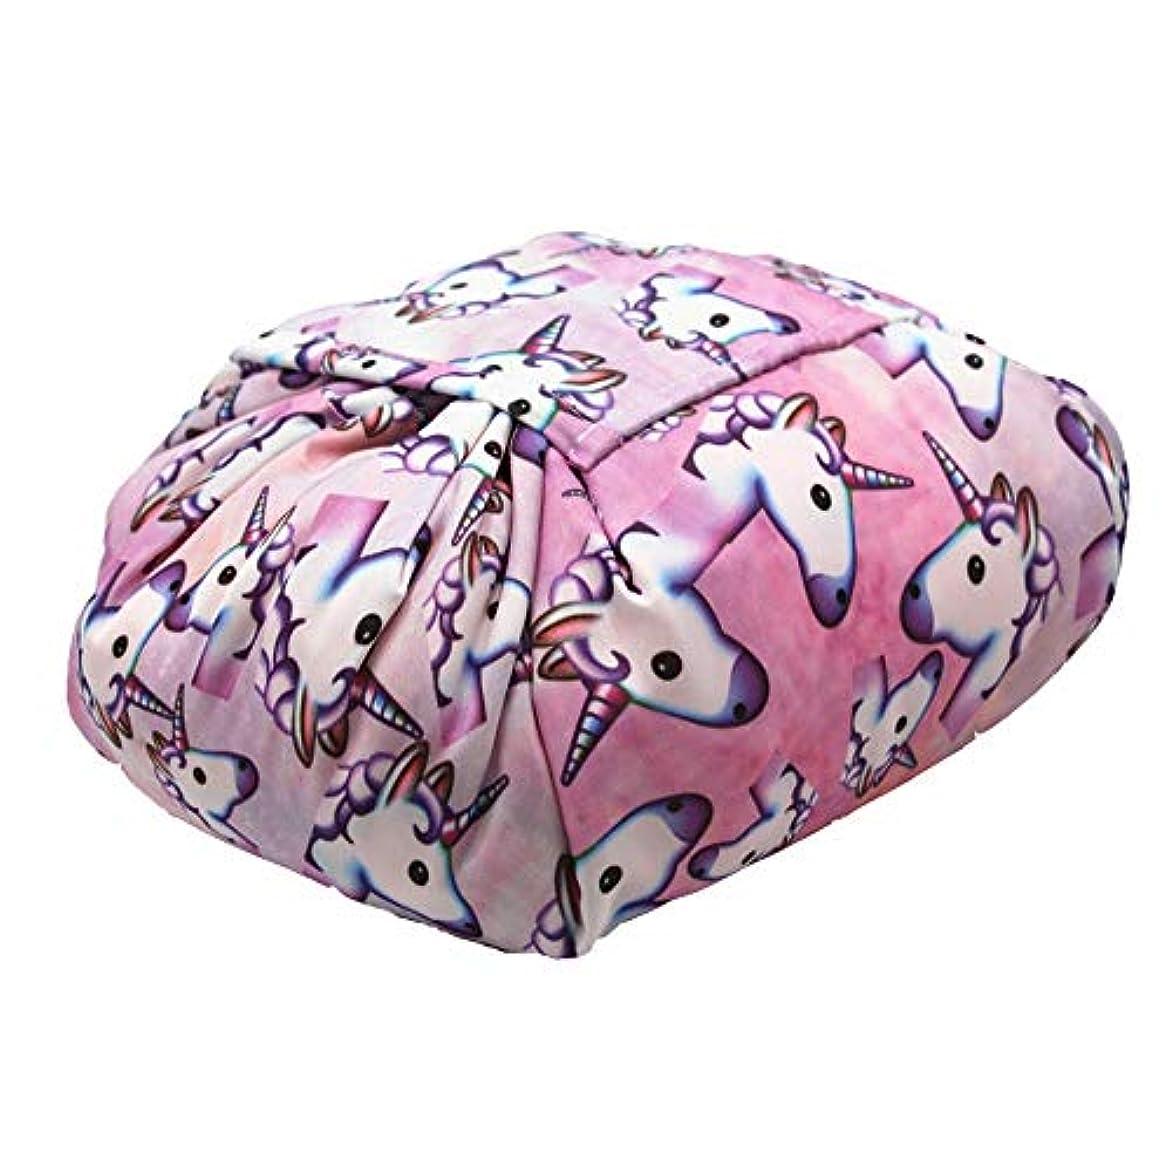 演じる不安時化粧オーガナイザーバッグ ポータブル巾着収納バッグ用化粧品化粧ブラシプロの旅行化粧バッグ旅行アクセサリー大容量防水ウォッシュバッグ 化粧品ケース (色 : C3, サイズ : 62x54x2cm)